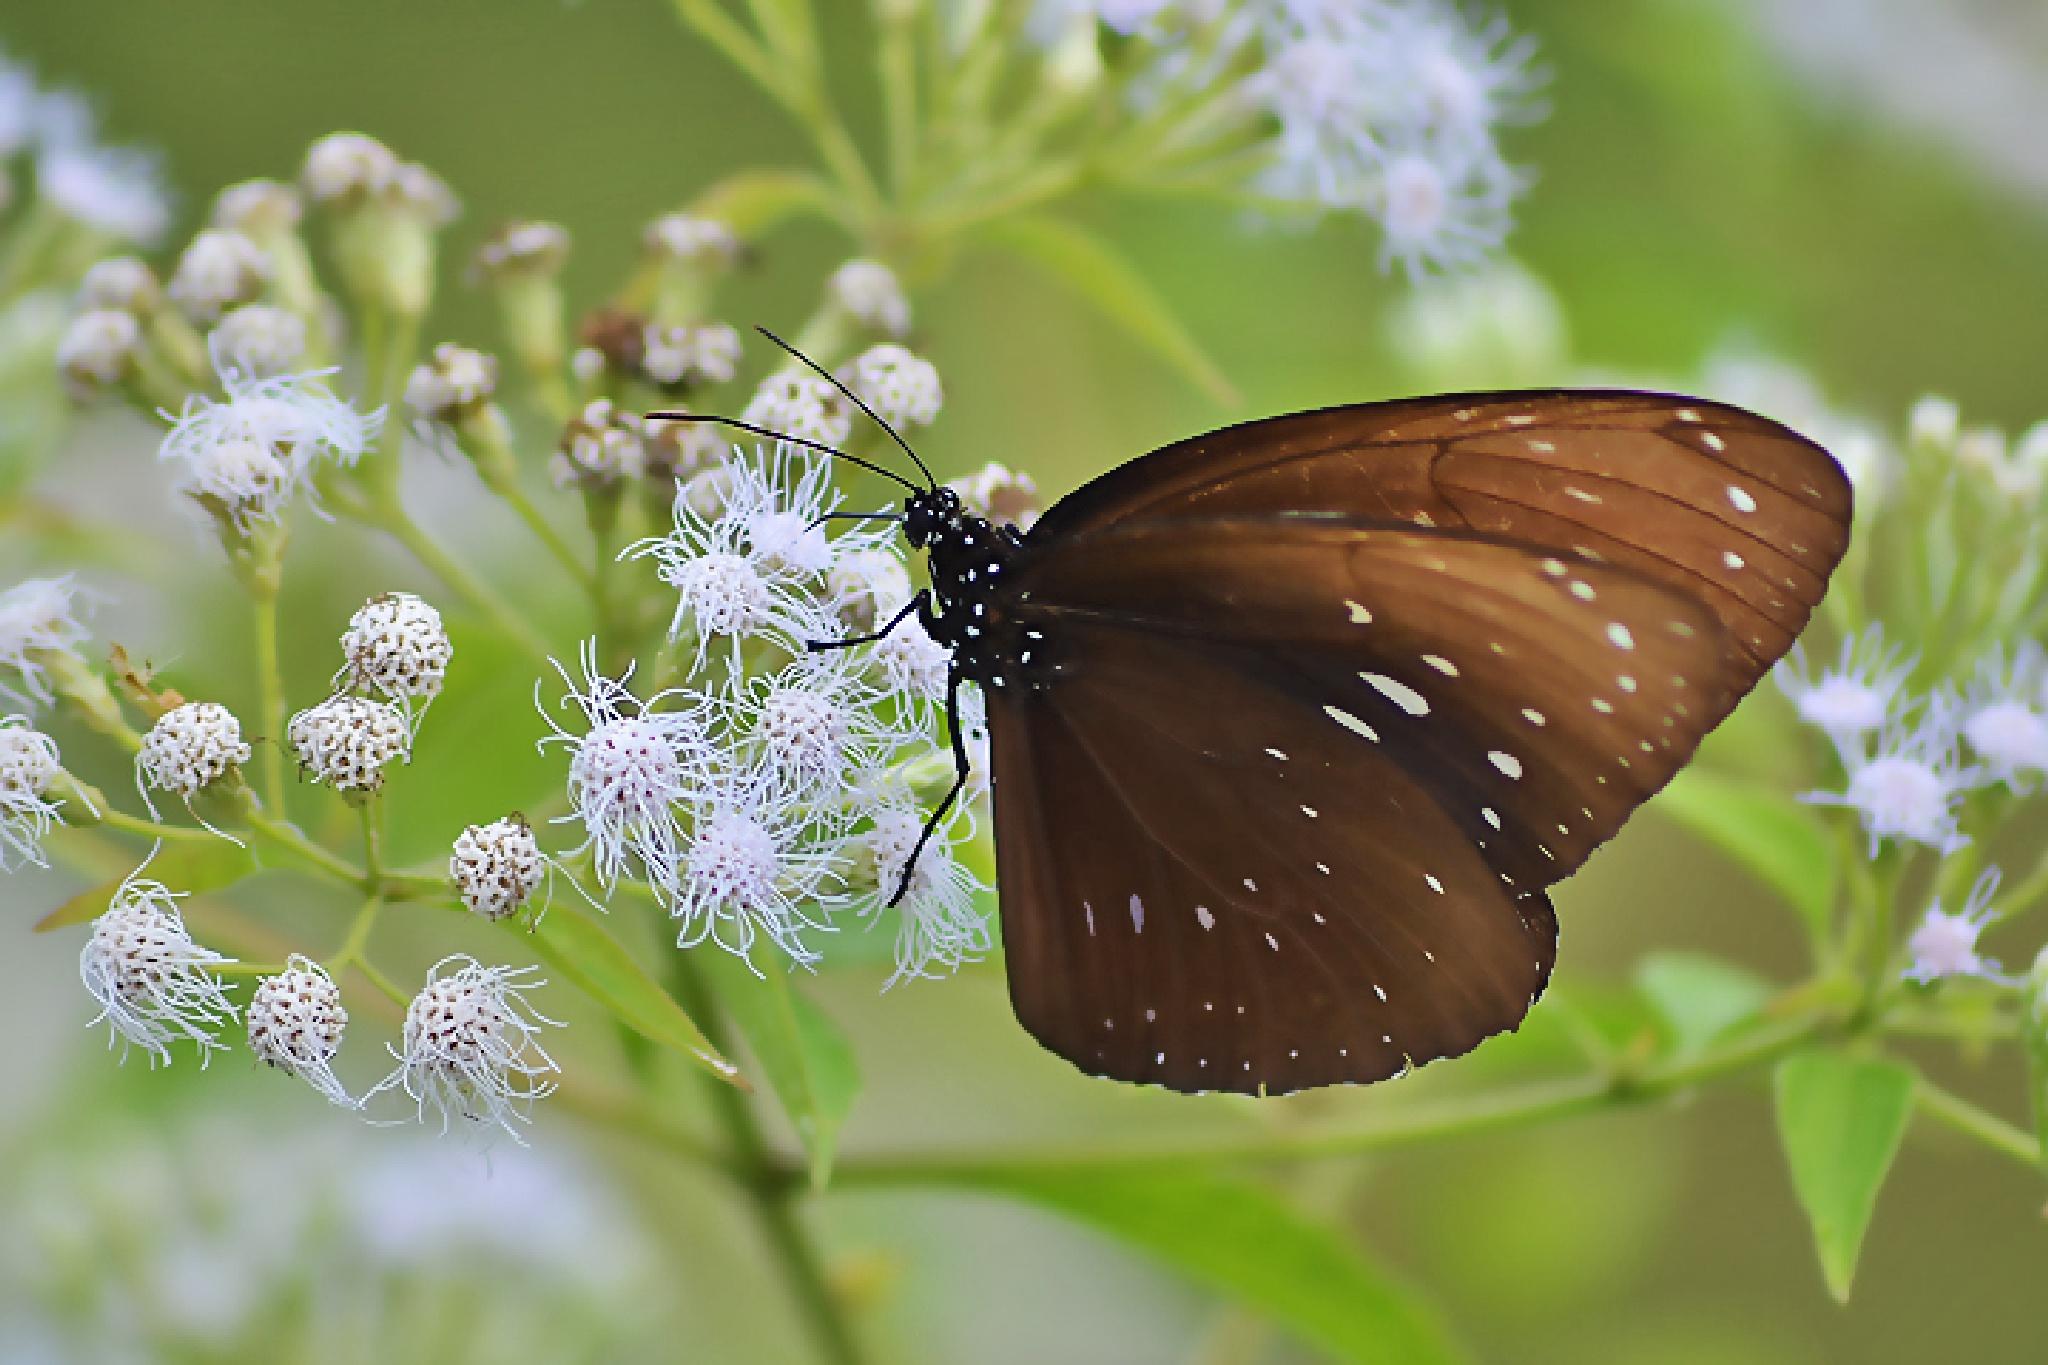 butterfly by dewaputra